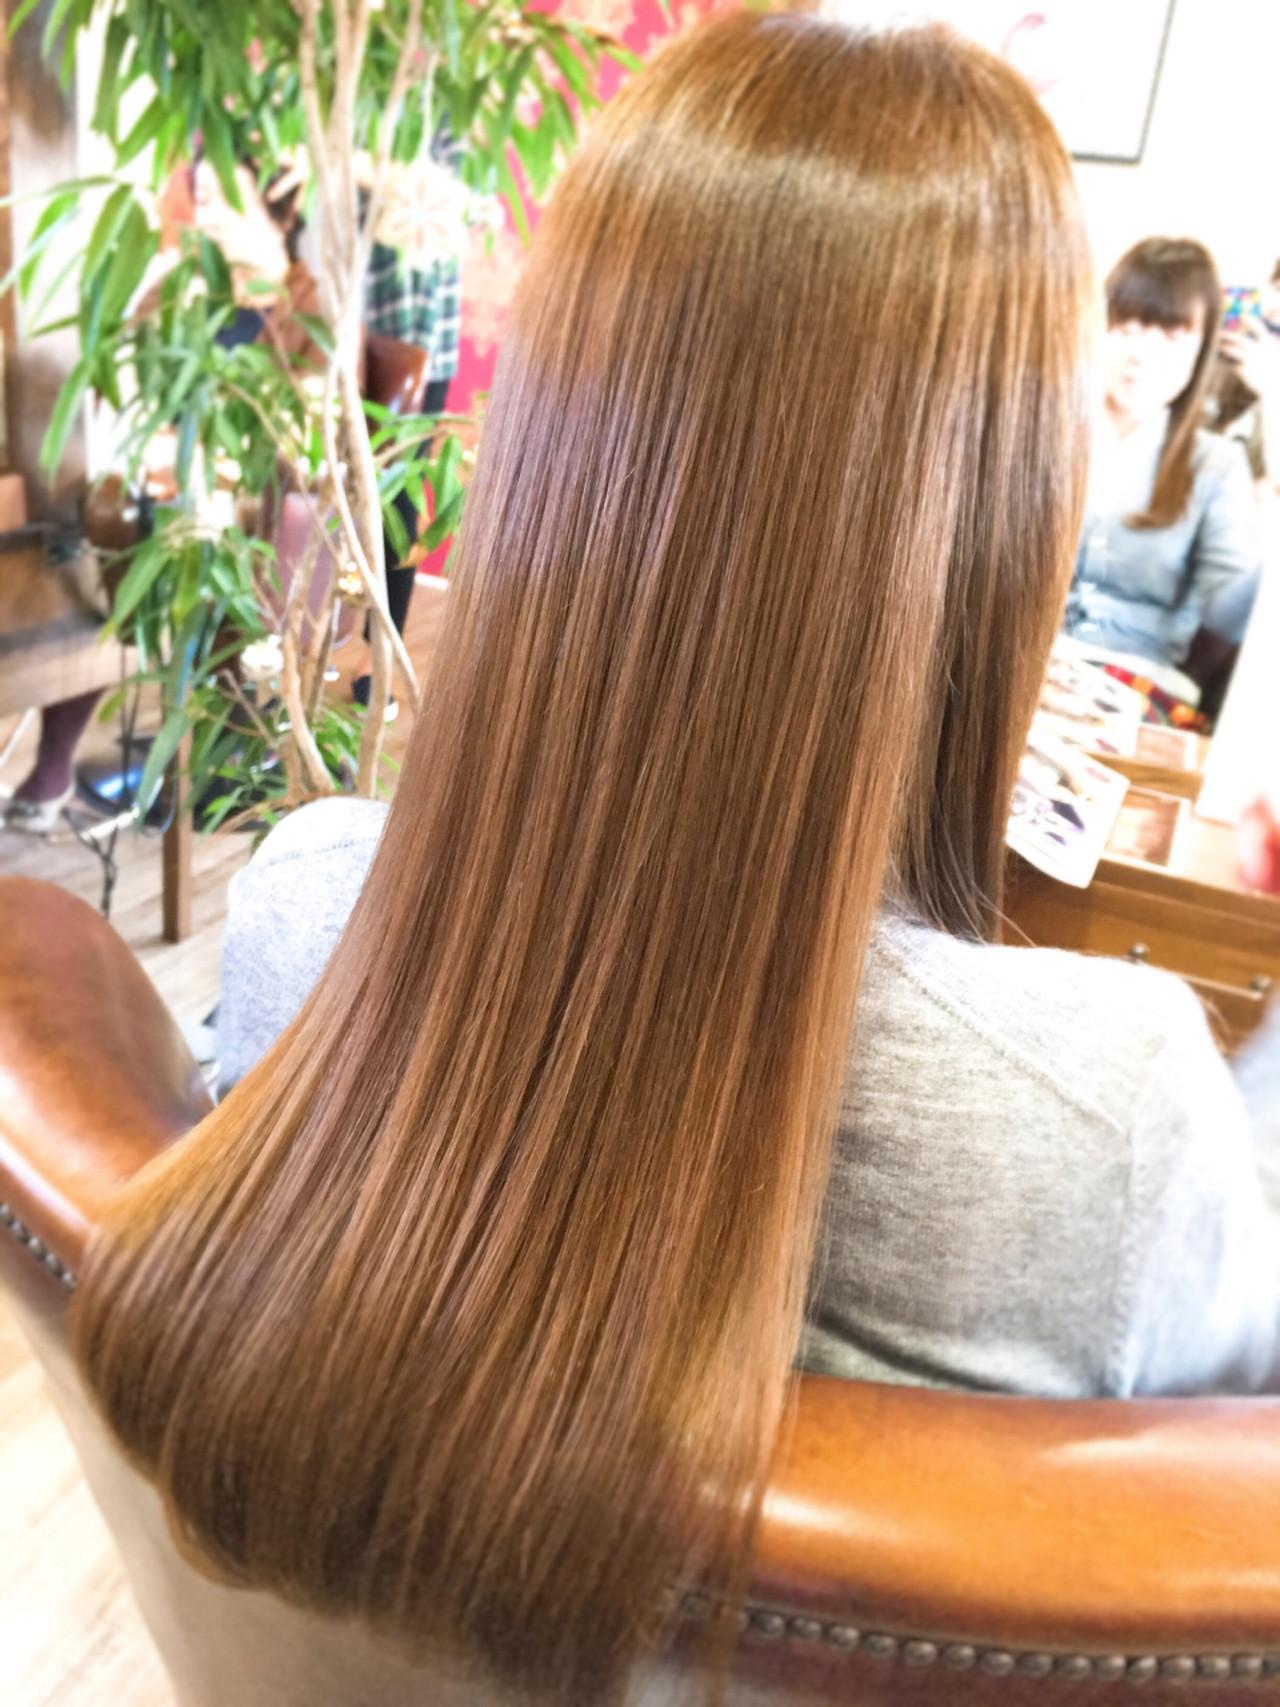 ロングの髪型!ストレートをヘアカラーでアレンジ12